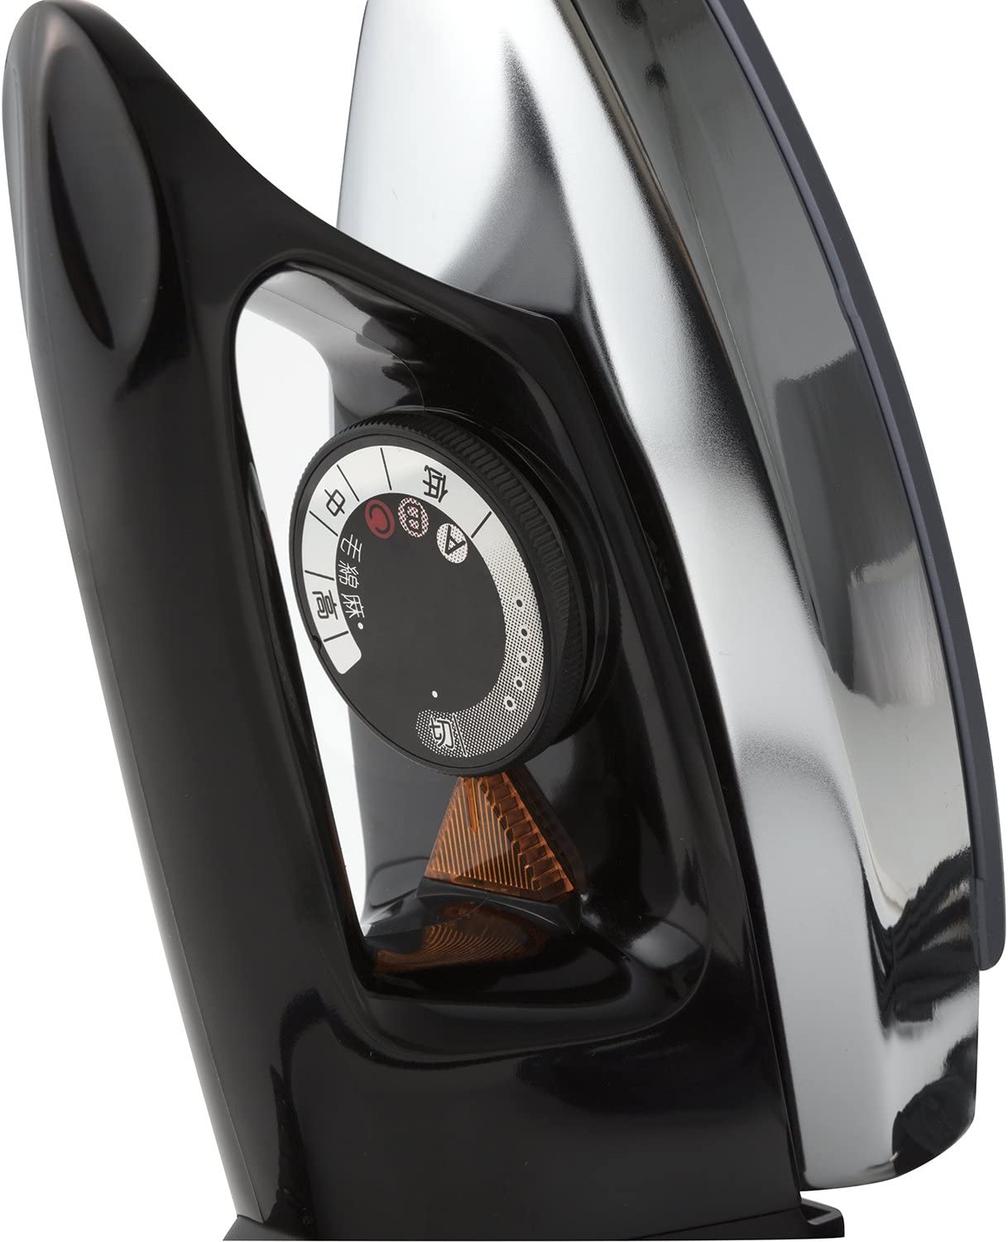 Panasonic(パナソニック) 自動アイロン(ドライアイロン) NI-A66の商品画像6